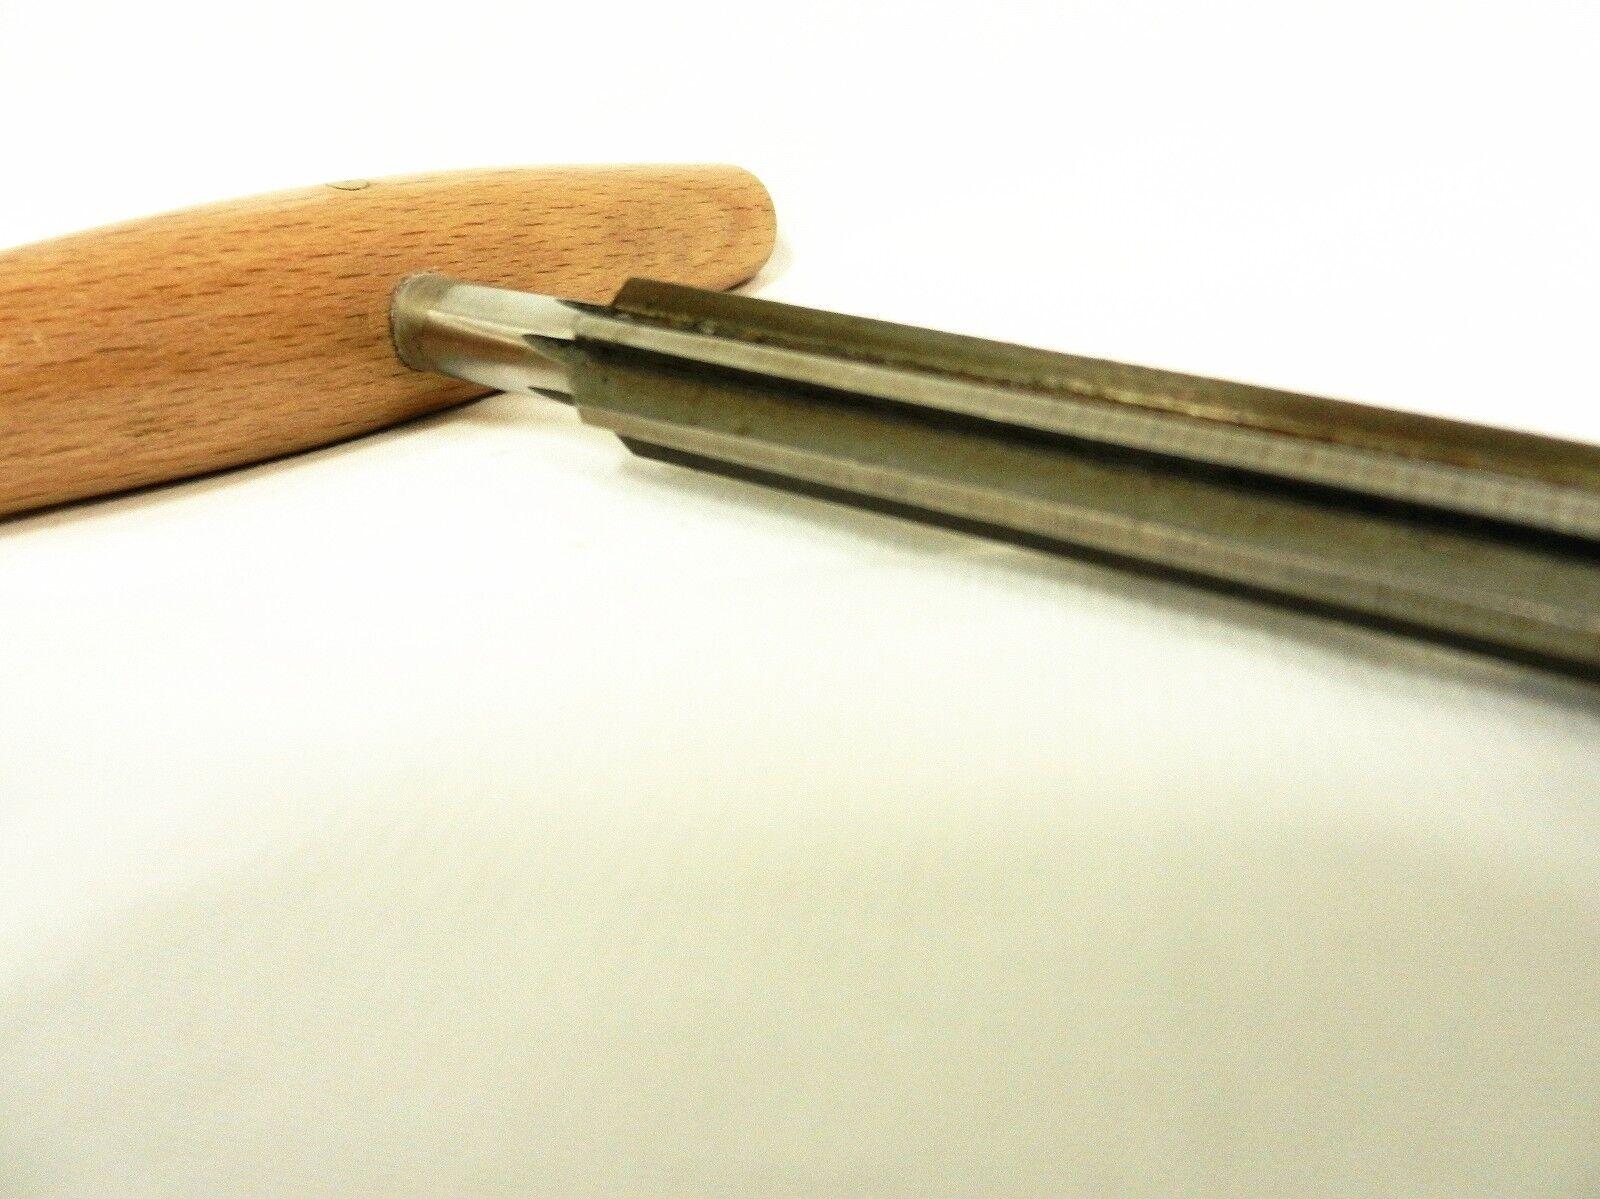 Calidad Luthier 4 4 Chelo escariador agujero PEG, PEG, PEG, estándar, US Seller  3adcca